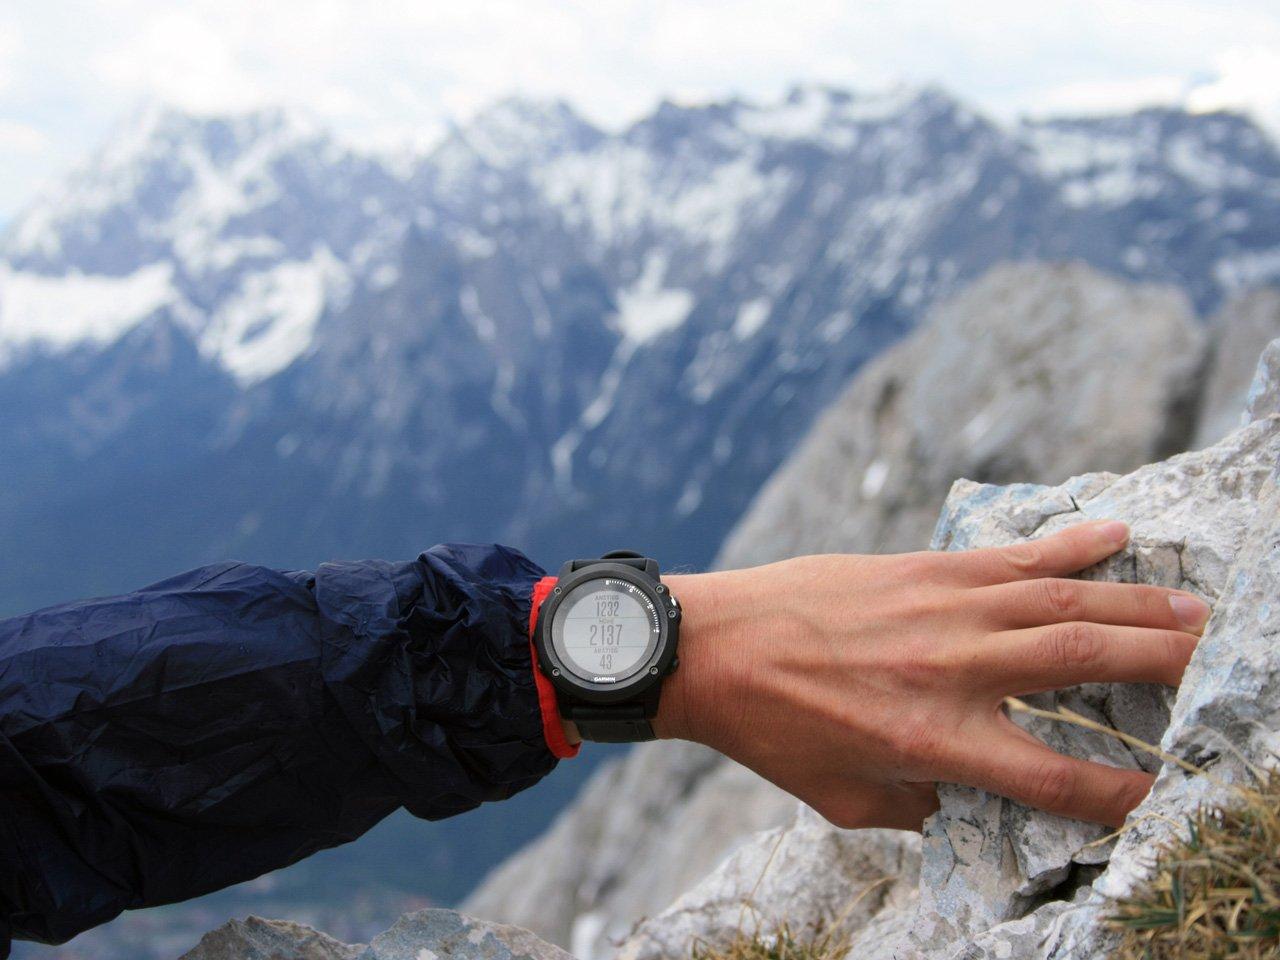 Testbericht – Garmin Fenix 3 Saphir HR Performance Bundle: Die reine GPS-Uhr war gestern – Multisportuhr & Smartwatch as the state of the art